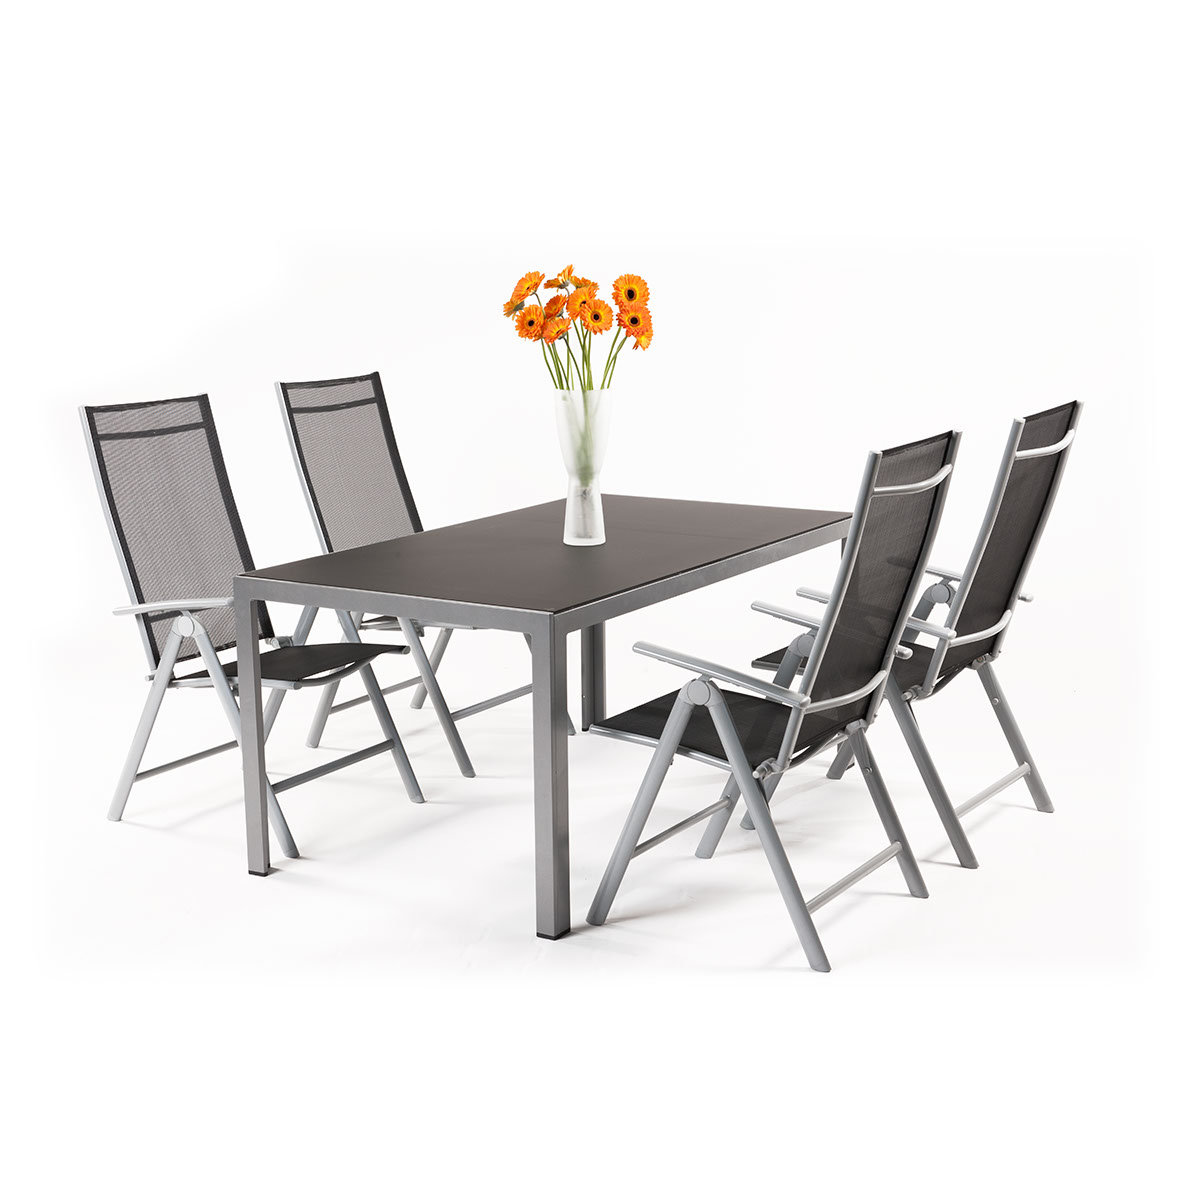 sestava nábytku z hliníku (1x stůl Frankie + 4x pol. křeslo Raul Basic) Garland Remus 4+